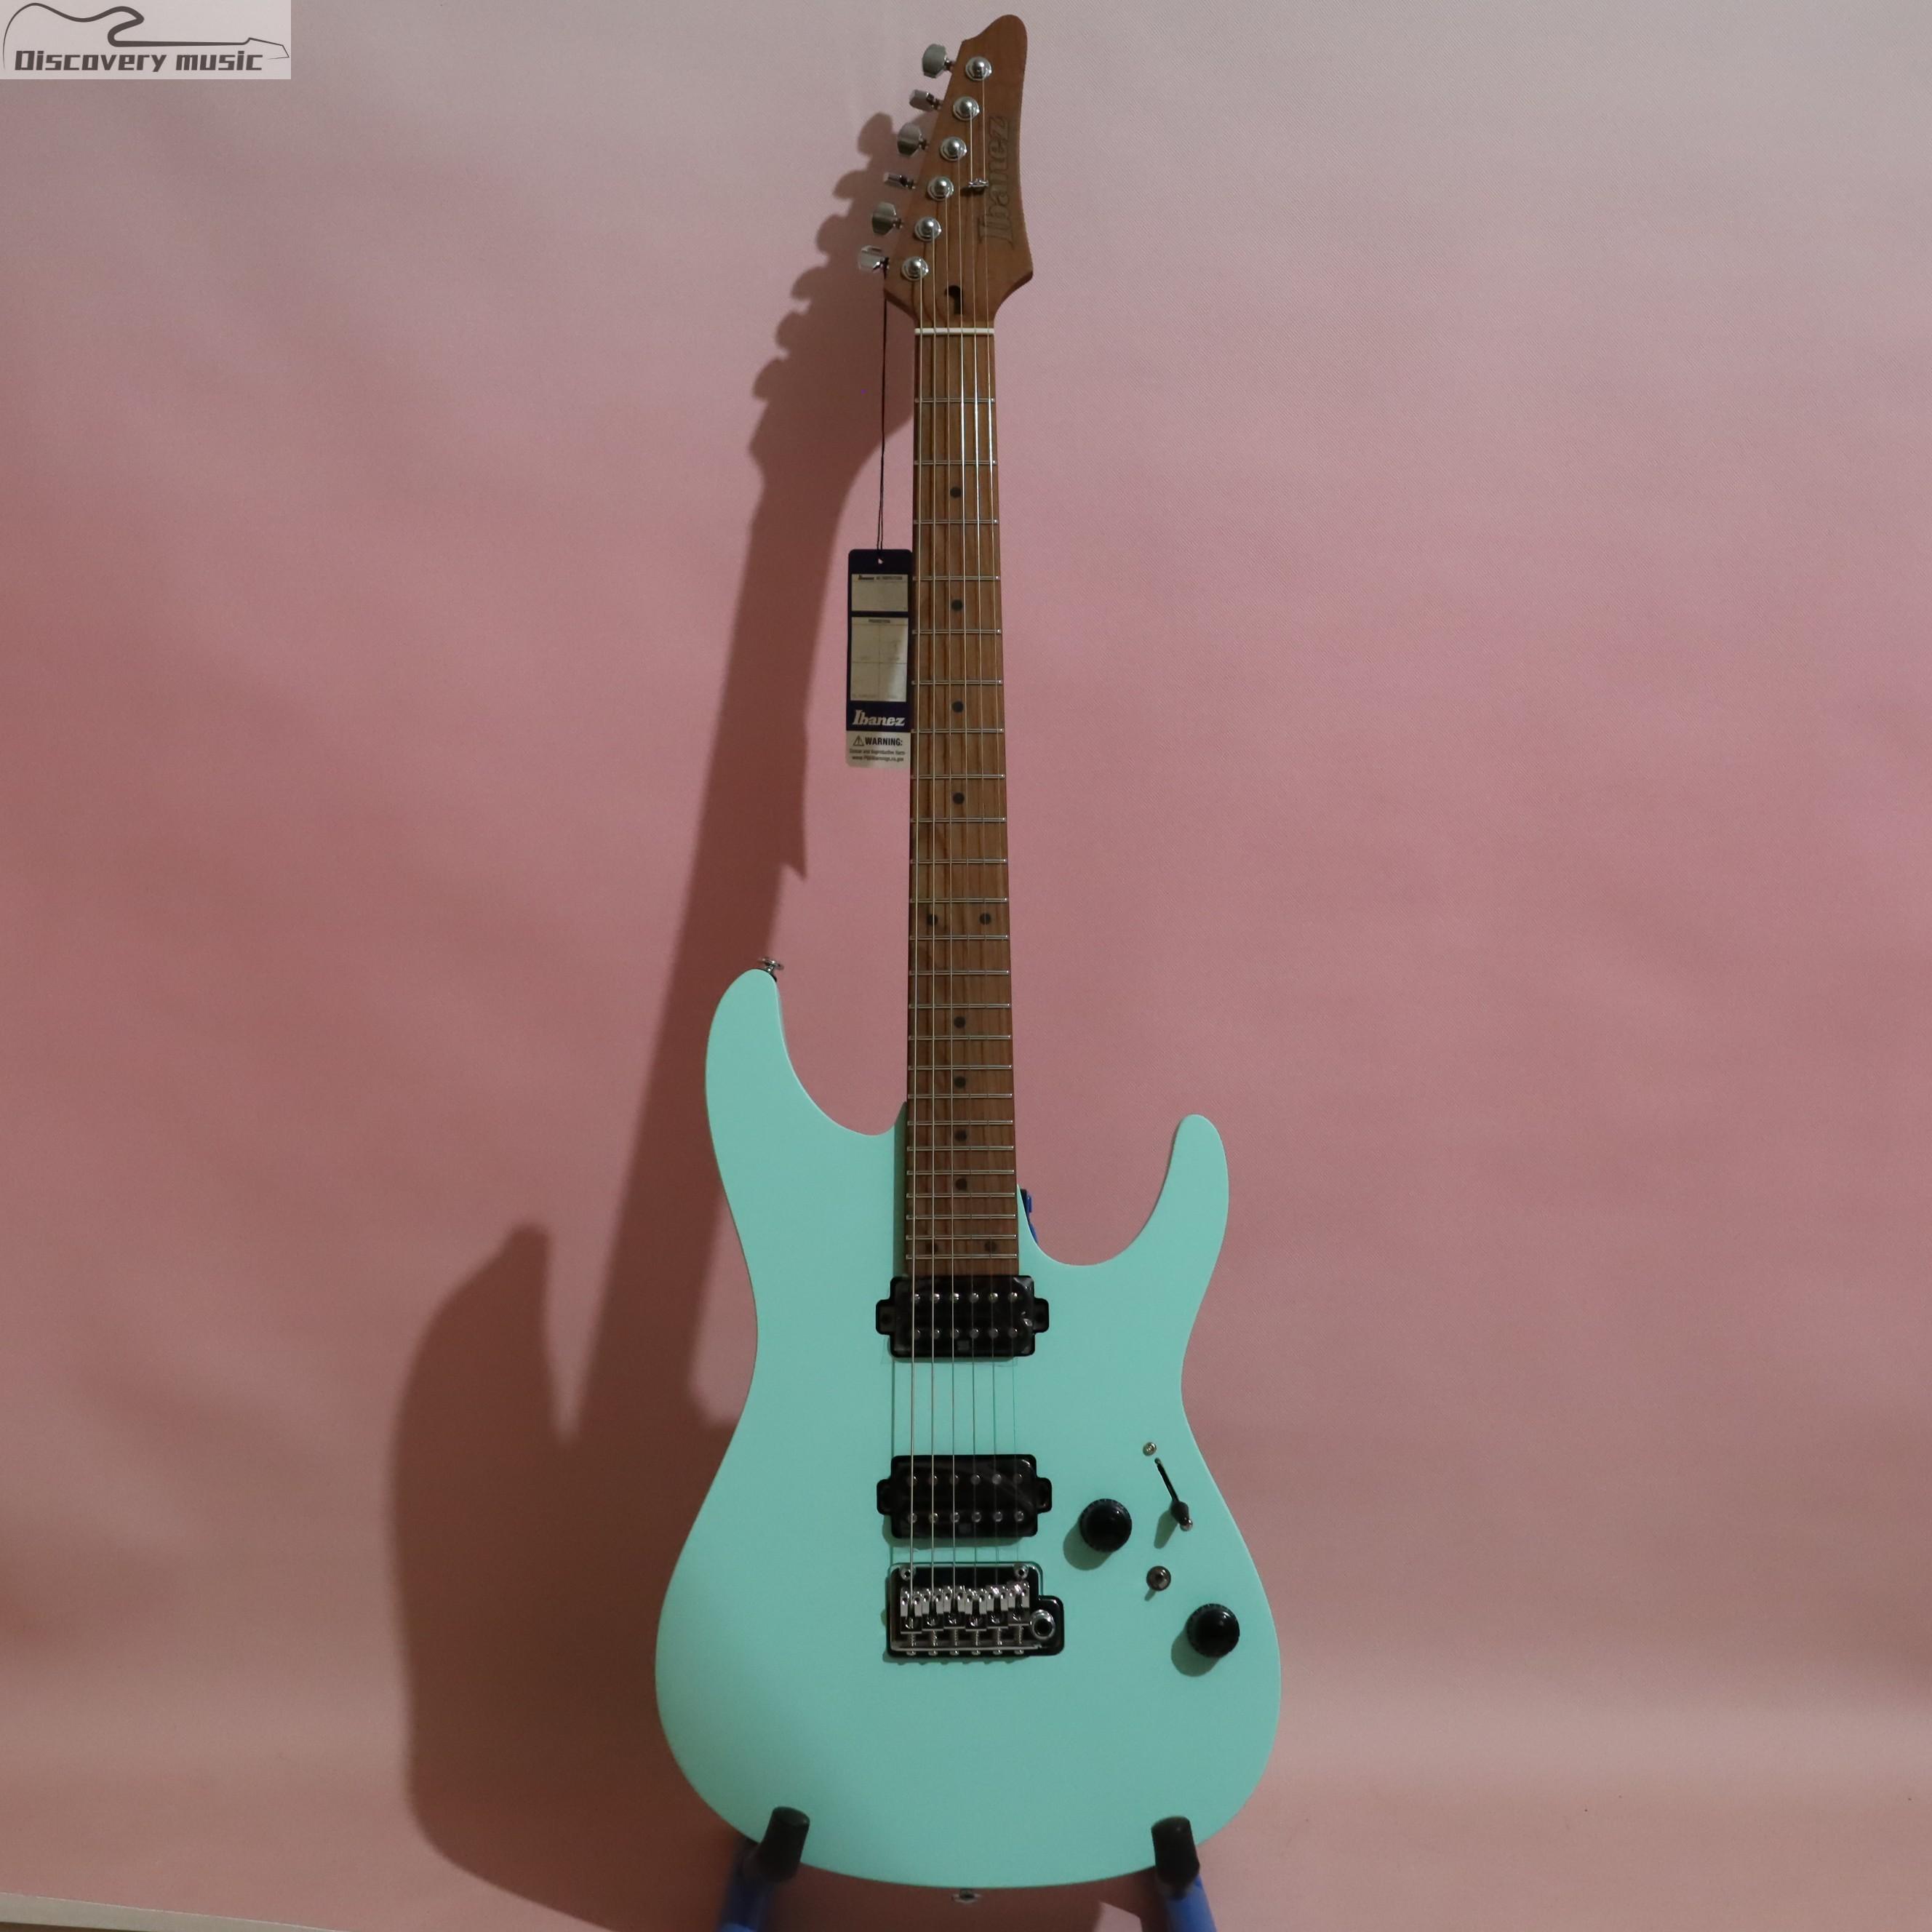 情怀乐器IBANEZ依班娜AZ242 SFM哑光冲浪绿海藻绿色电吉他